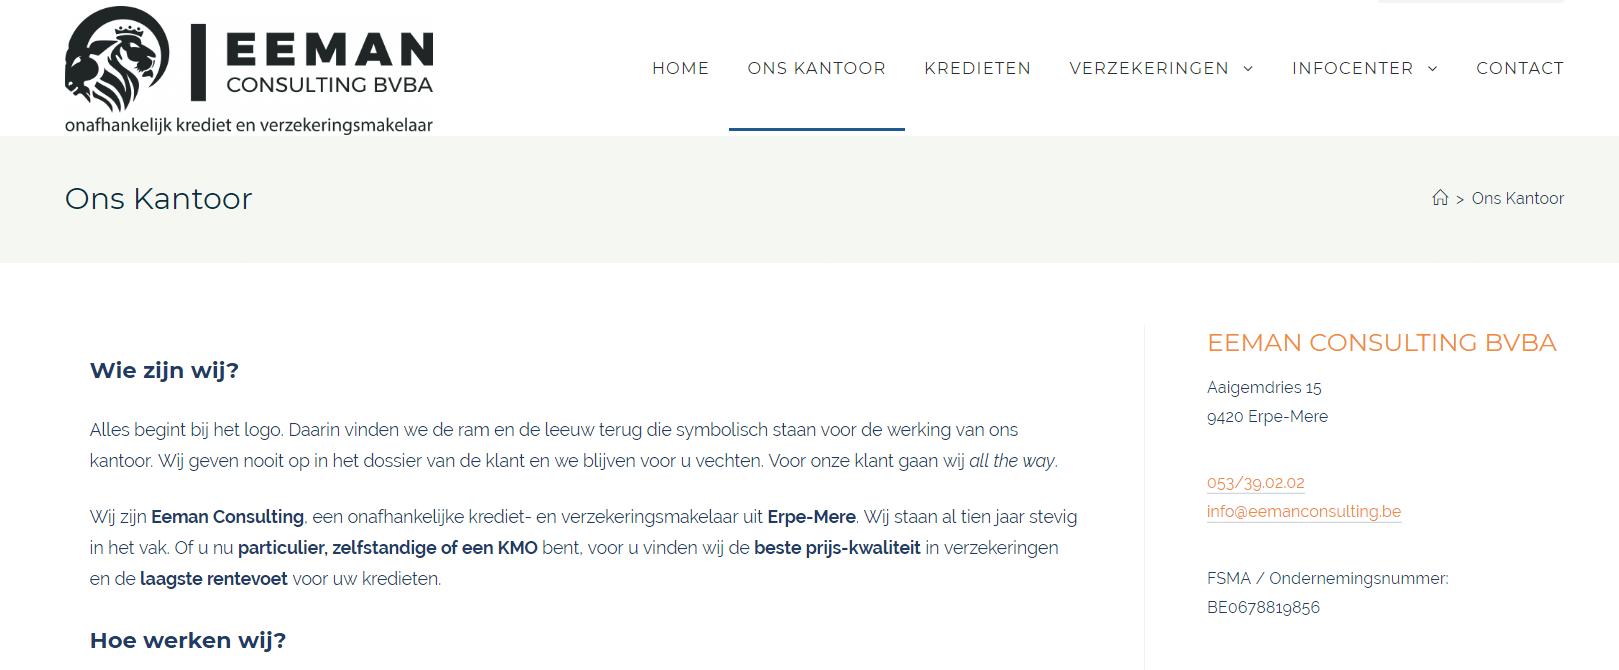 Eeman Consulting, nog een websiteproject van Copywriter Myriam Beeckman